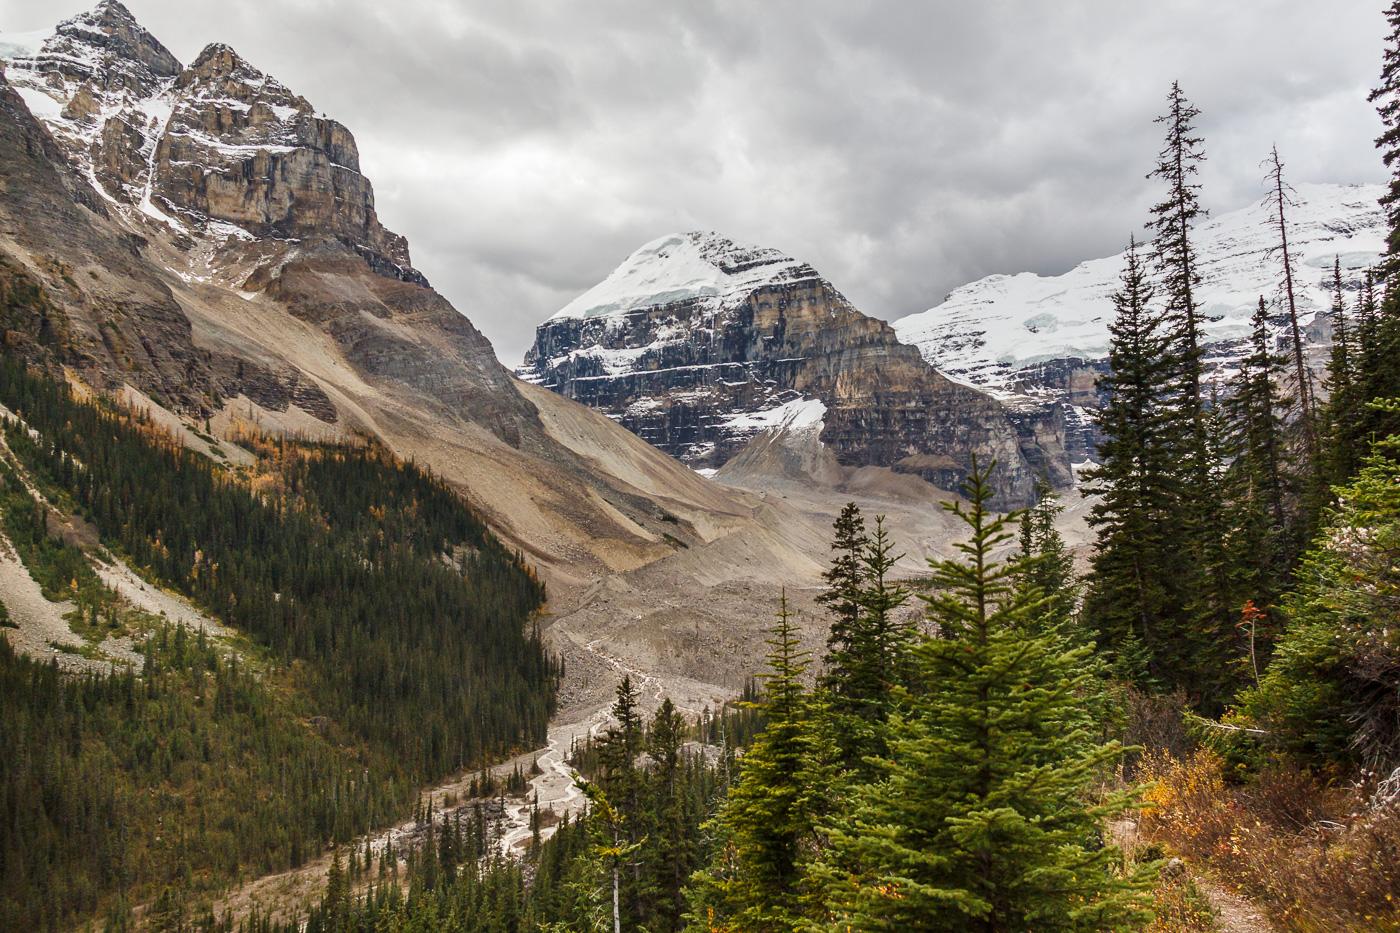 Plain of the Six Glaciers - Paisatges de Nord-Amèrica - Raül Carmona - Fotografia, Fotografia d'estudi, esdeveniments i Natura